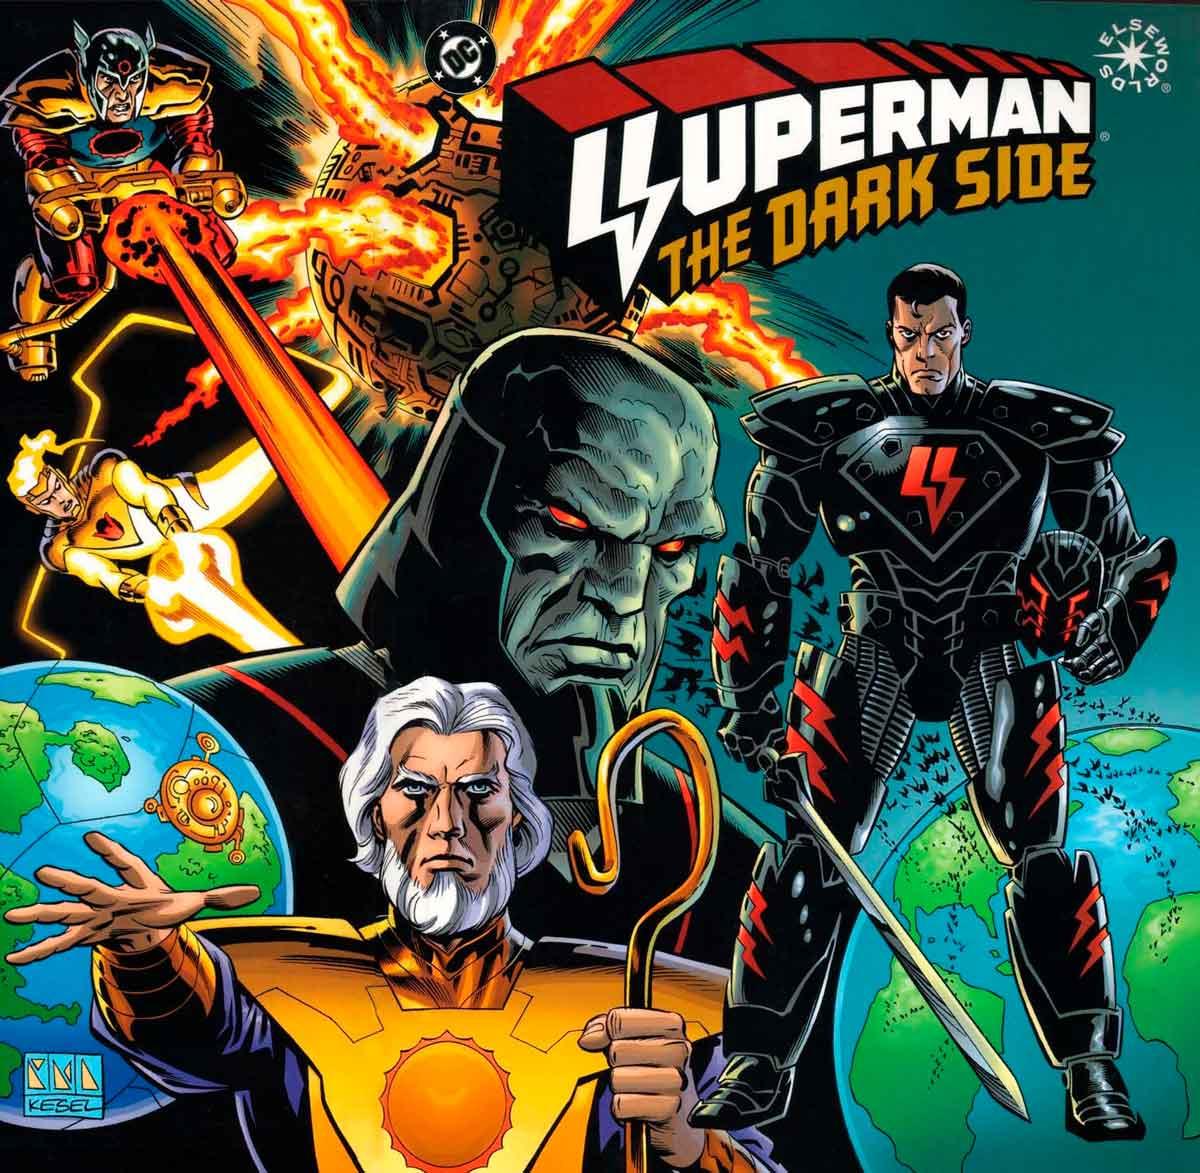 Elseworld Superman: dark said